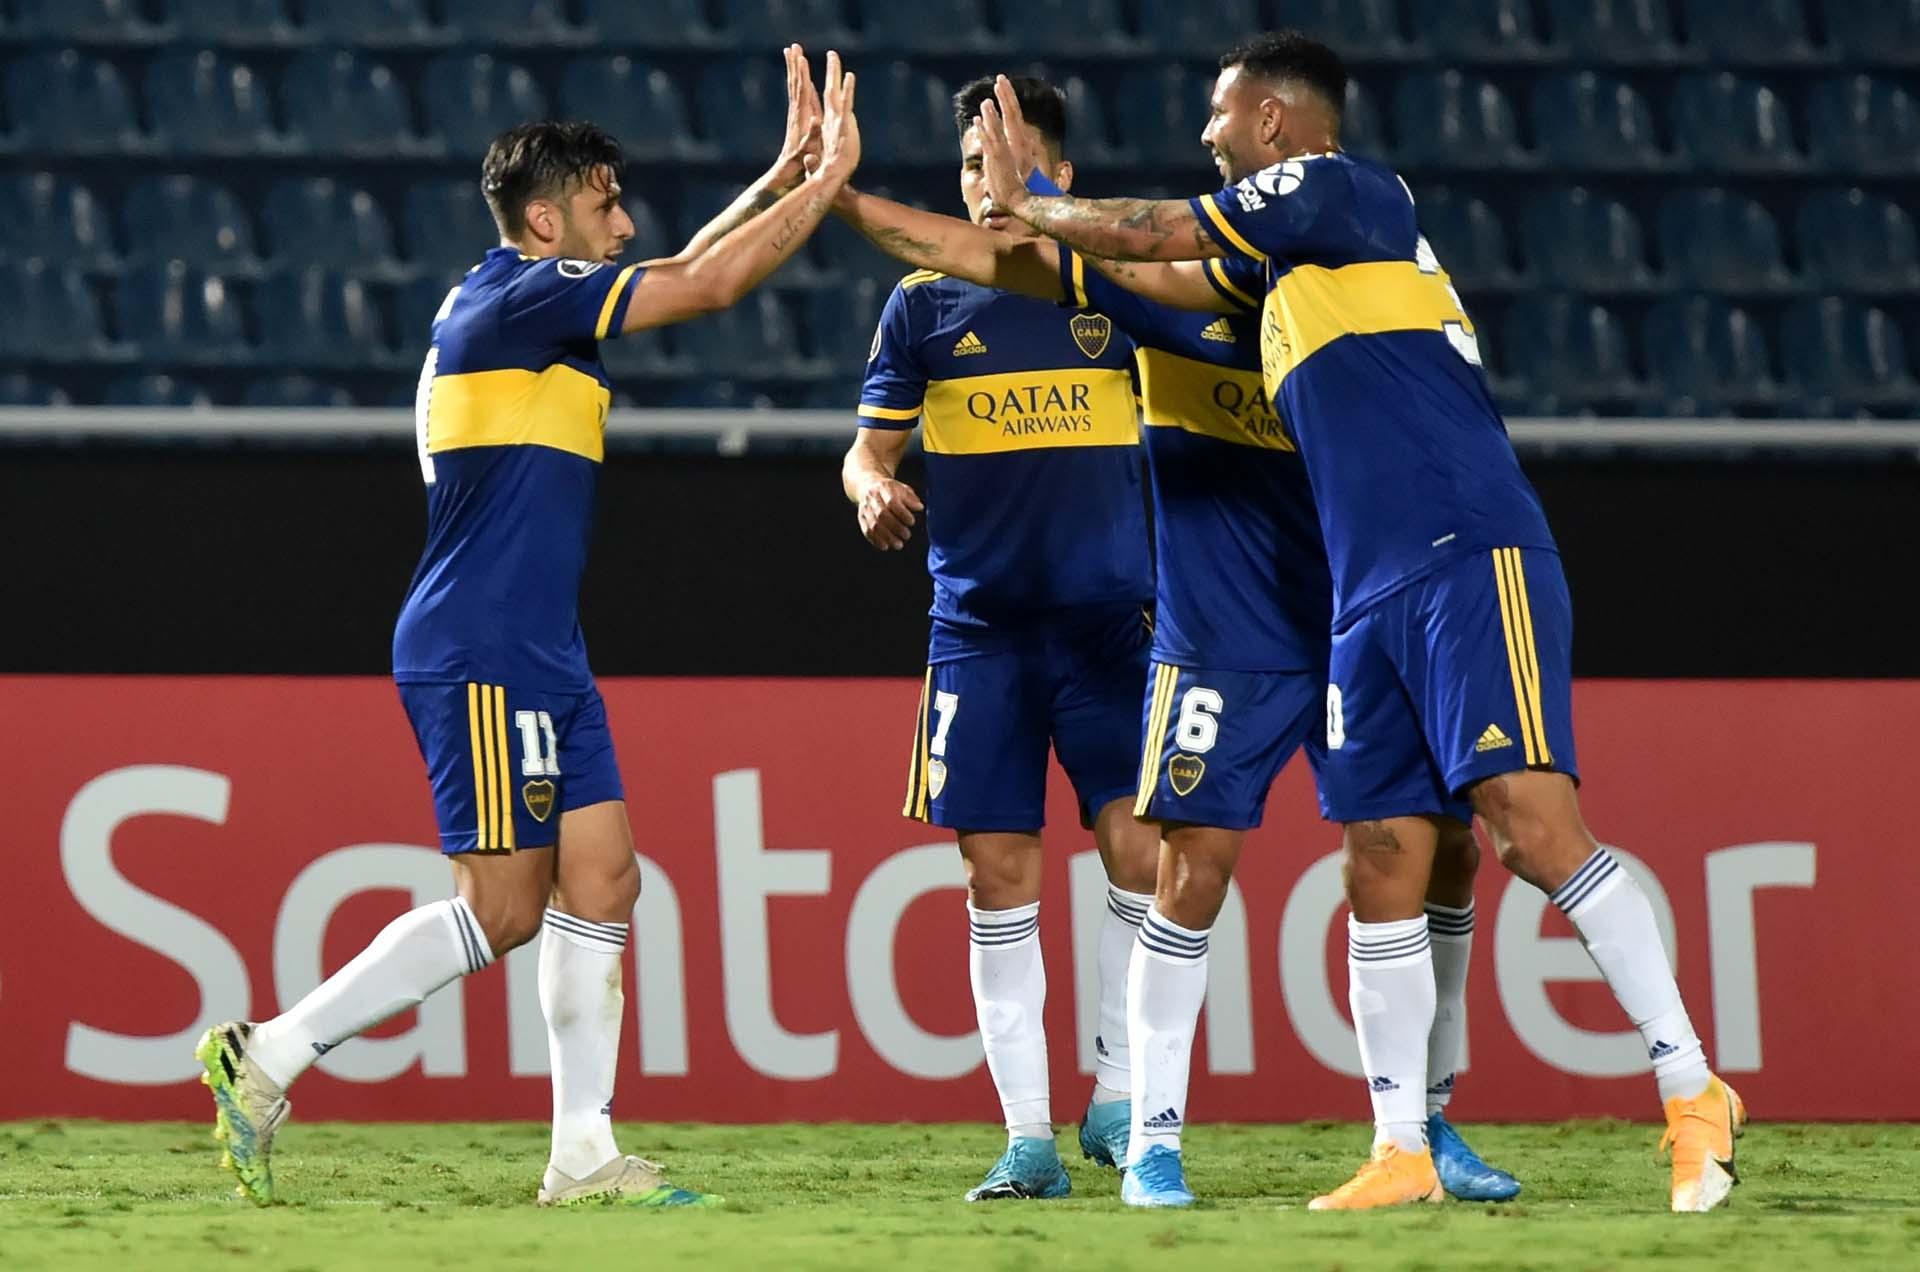 Salvio le agradece a Cardona la asistencia en el 2-0 de Boca (REUTERS/Norberto Duarte)